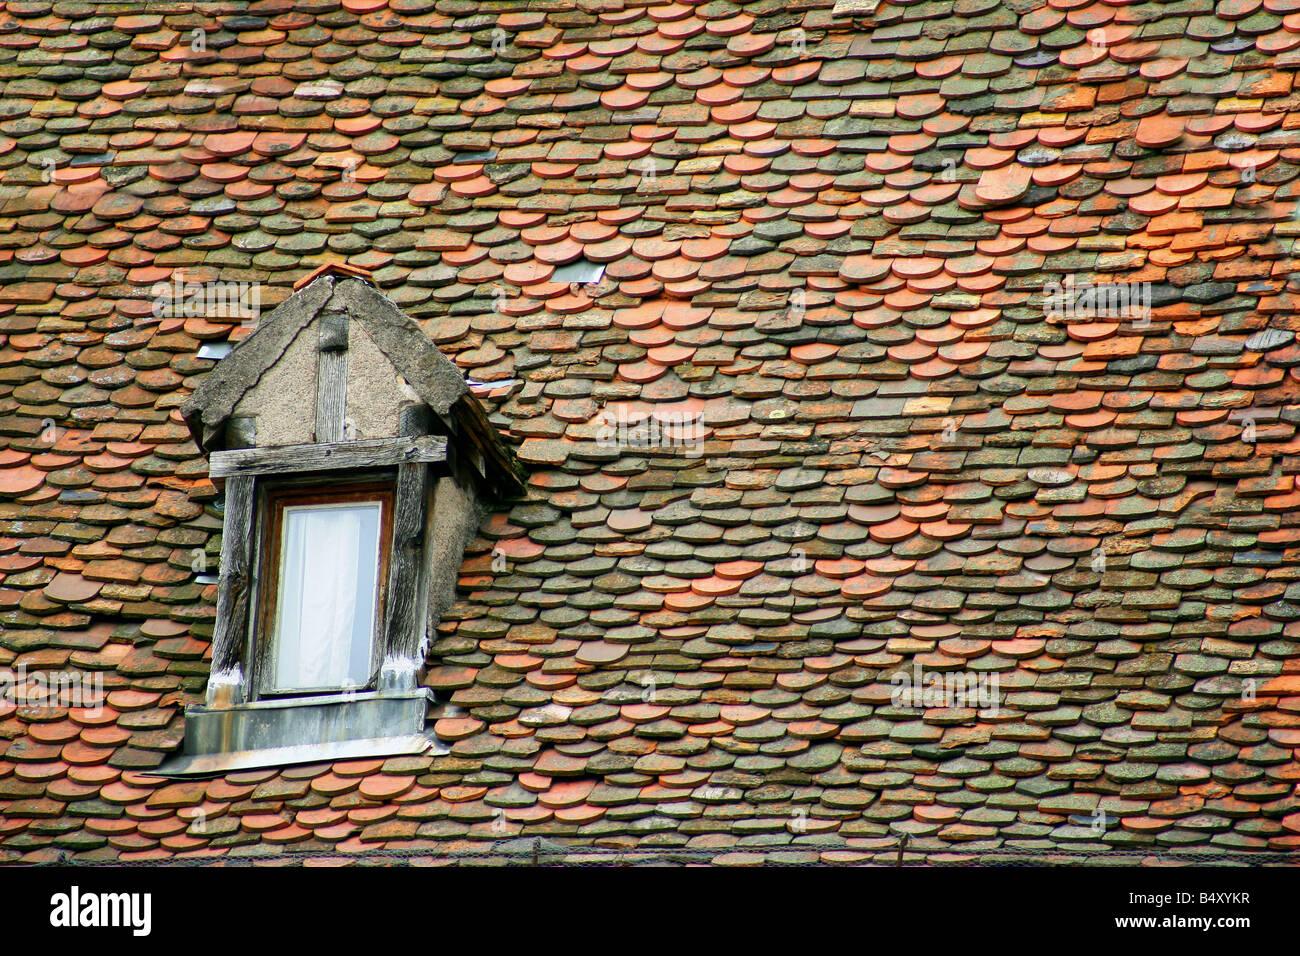 Dormer window on roof, full frame Stock Photo: 20261467 - Alamy